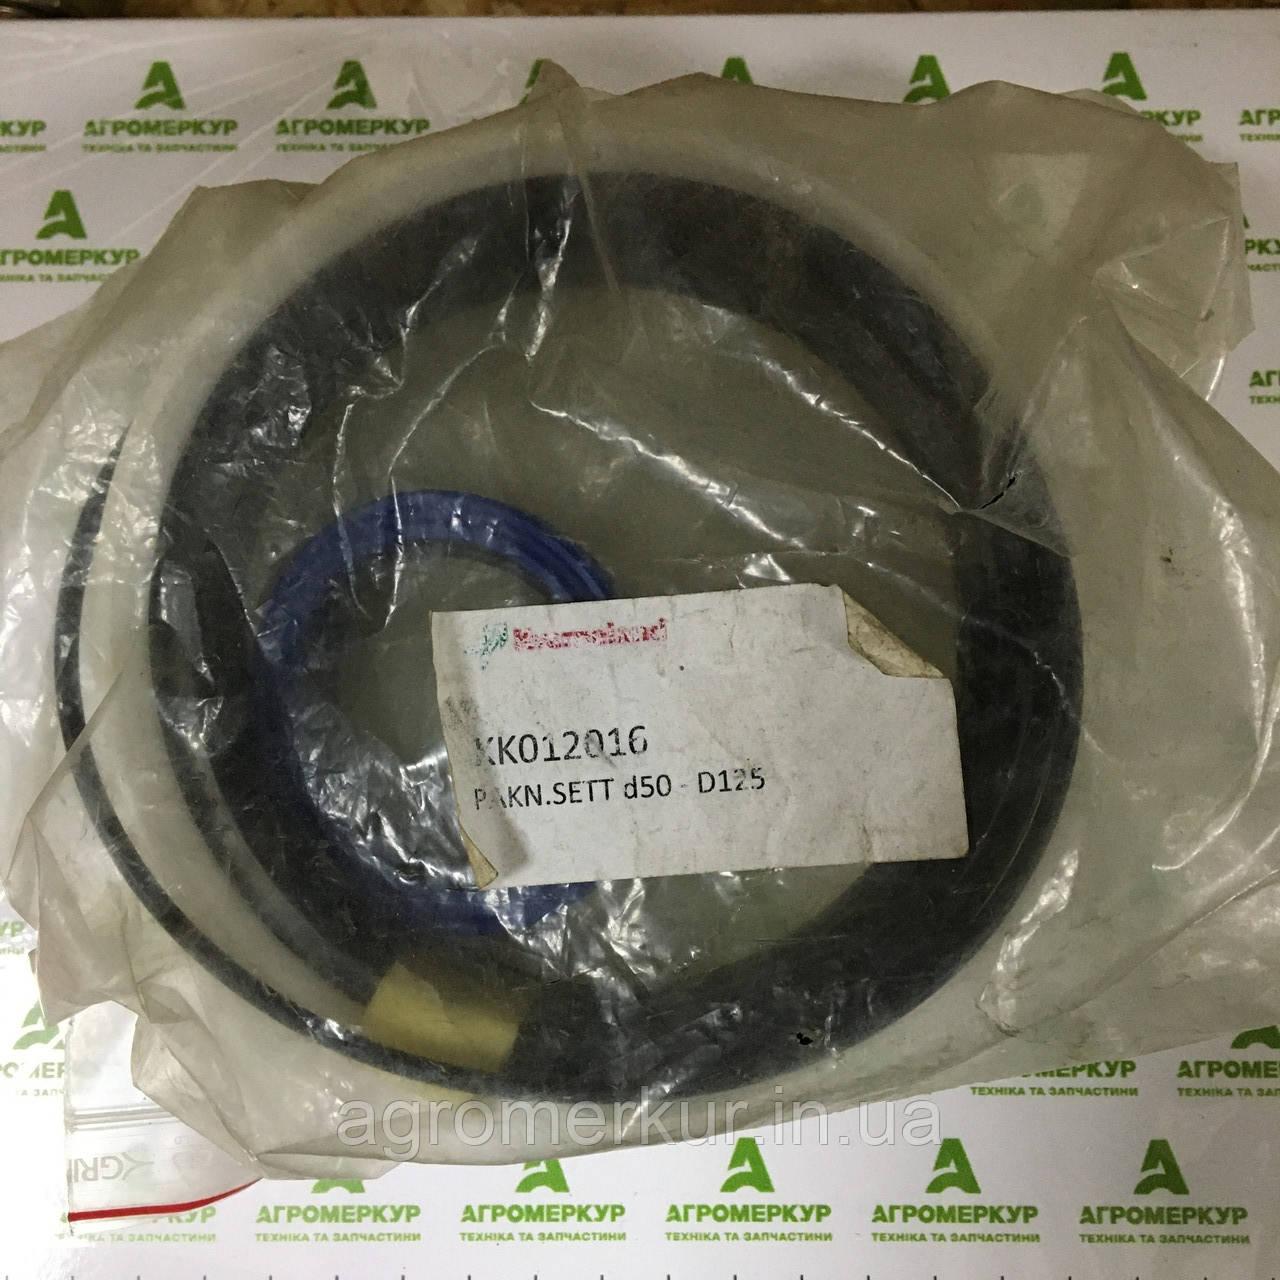 Рем. комплект циліндра гідравлічного KK012016 d50-d125 Kverneland